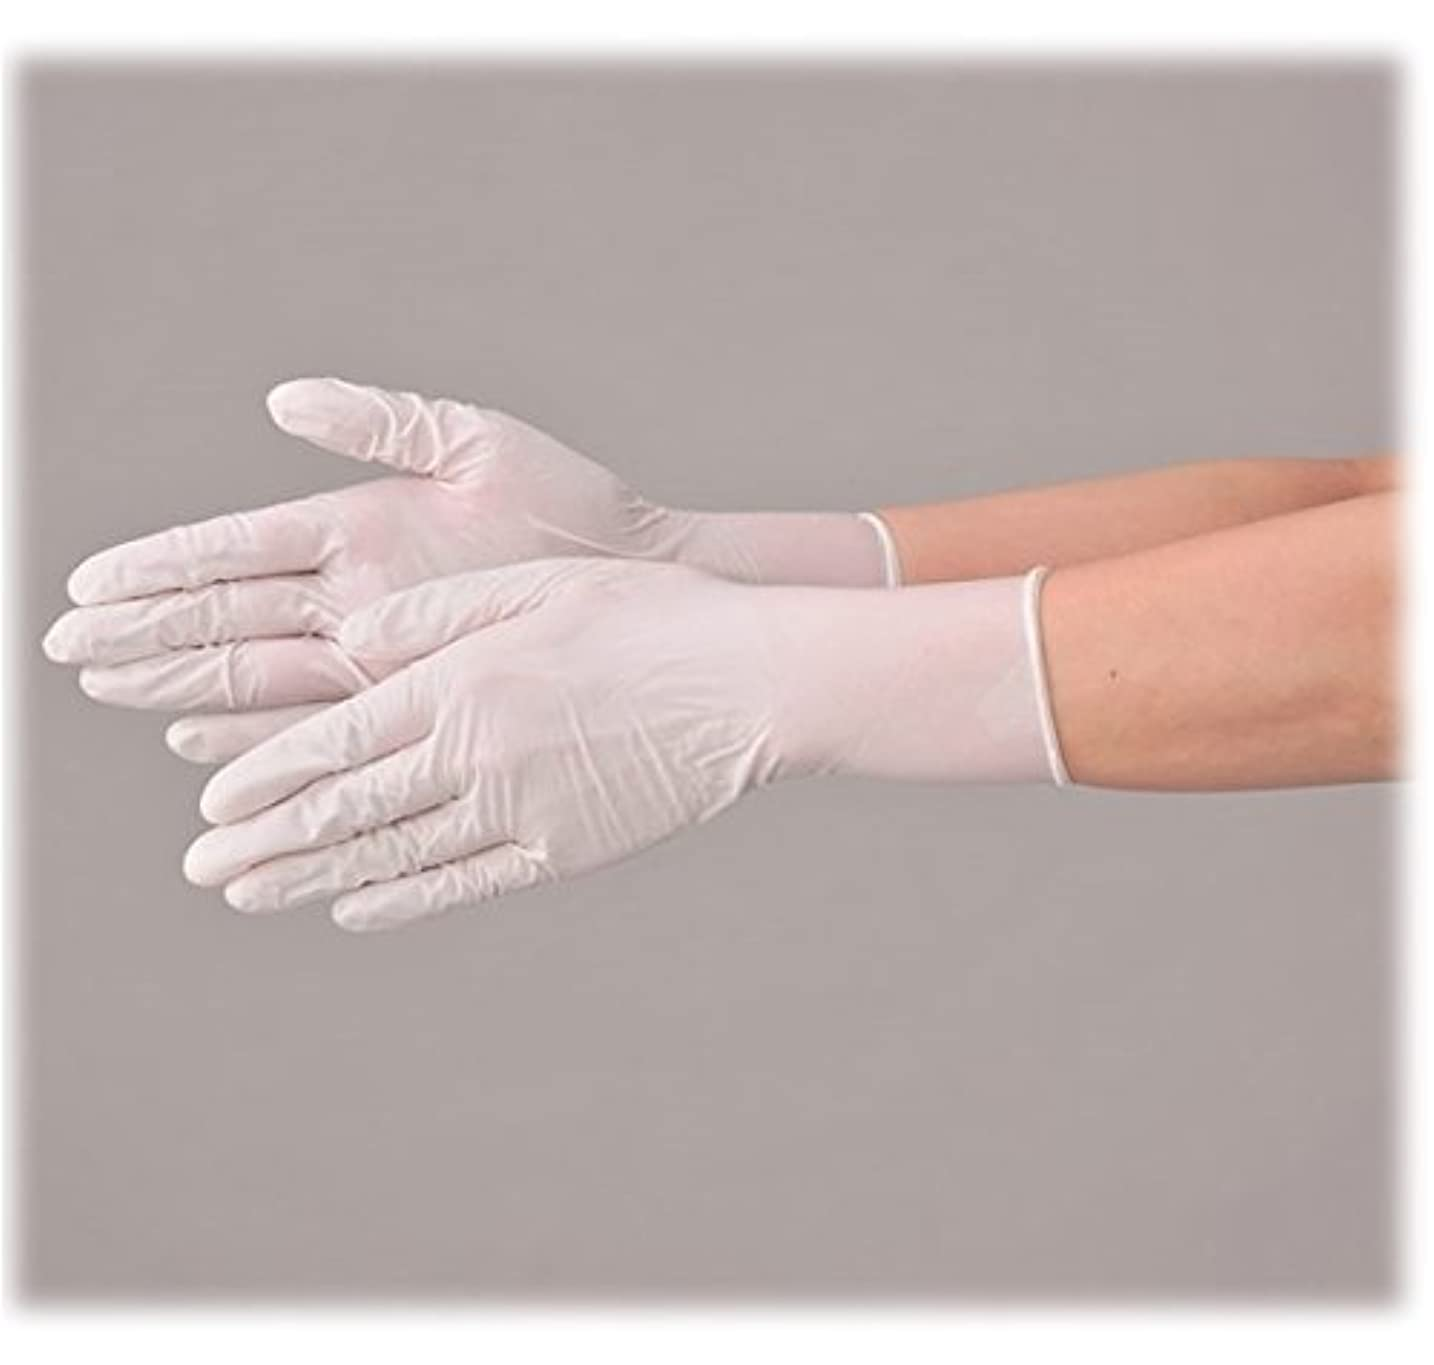 作りますヒントポルノ使い捨て 手袋 エブノ 513 ニトリル極薄手袋 ホワイト Lサイズ 2ケース(100枚×40箱)